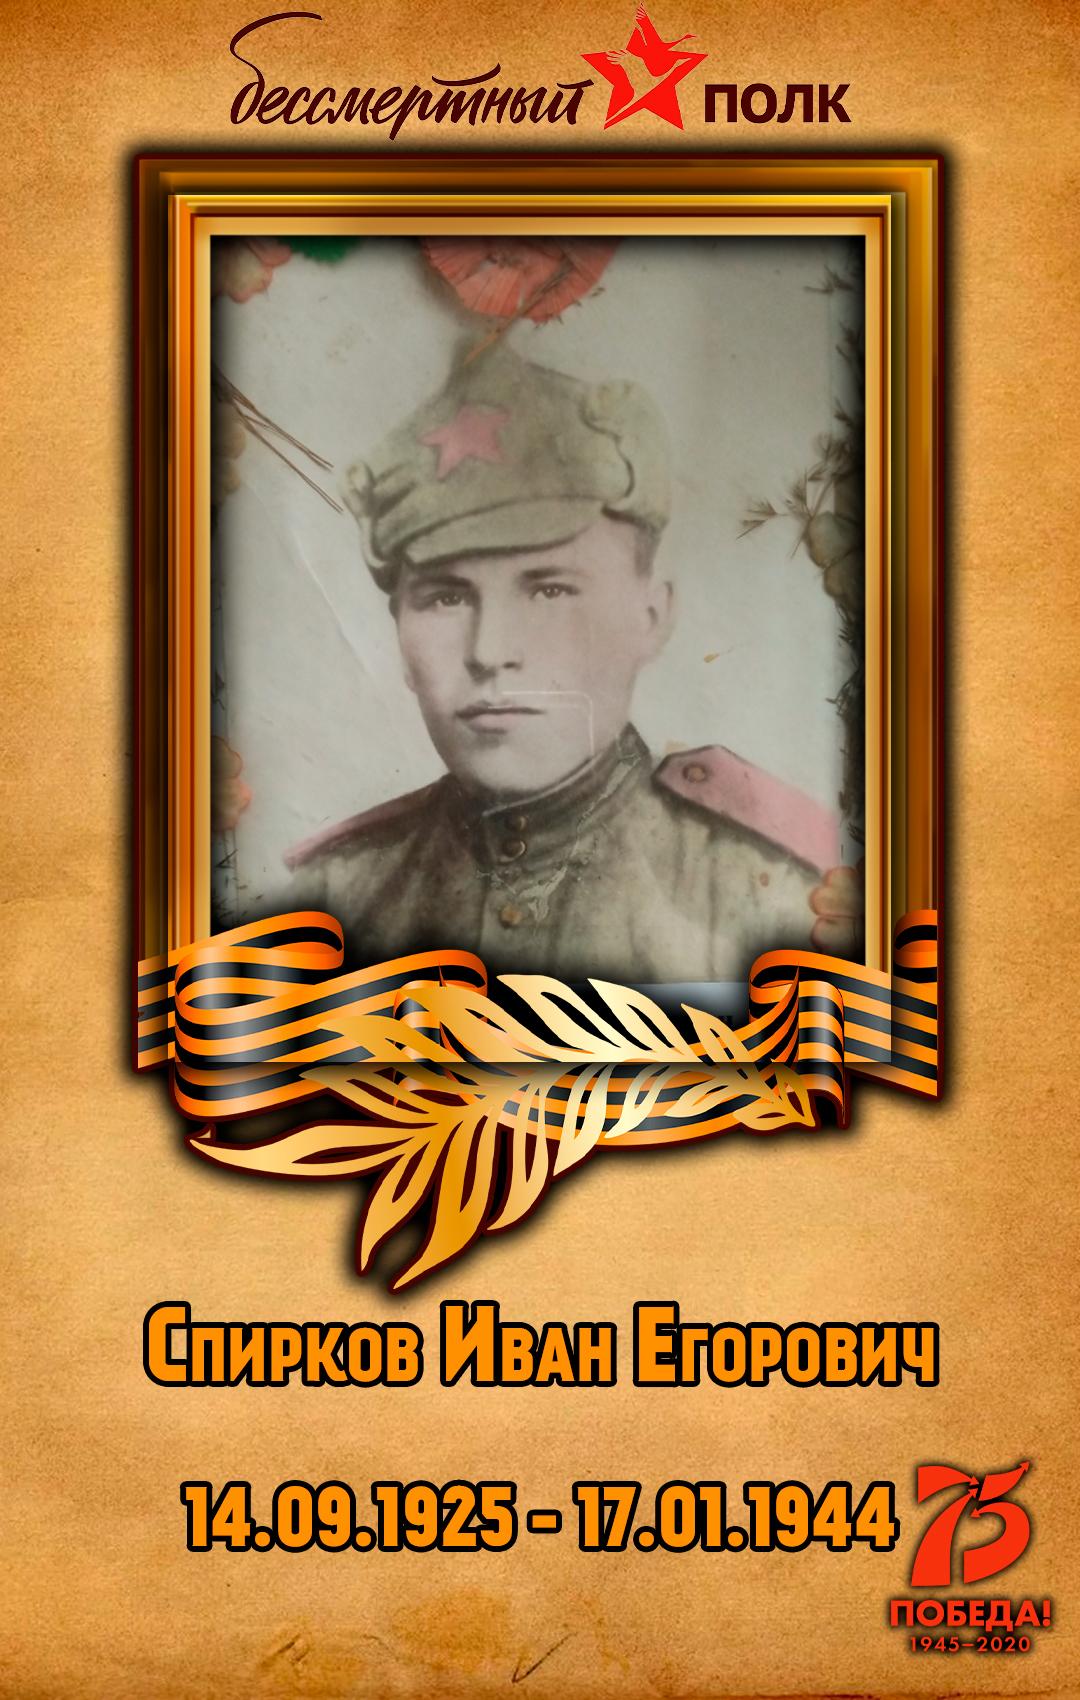 Спирков-Иван-Егорович